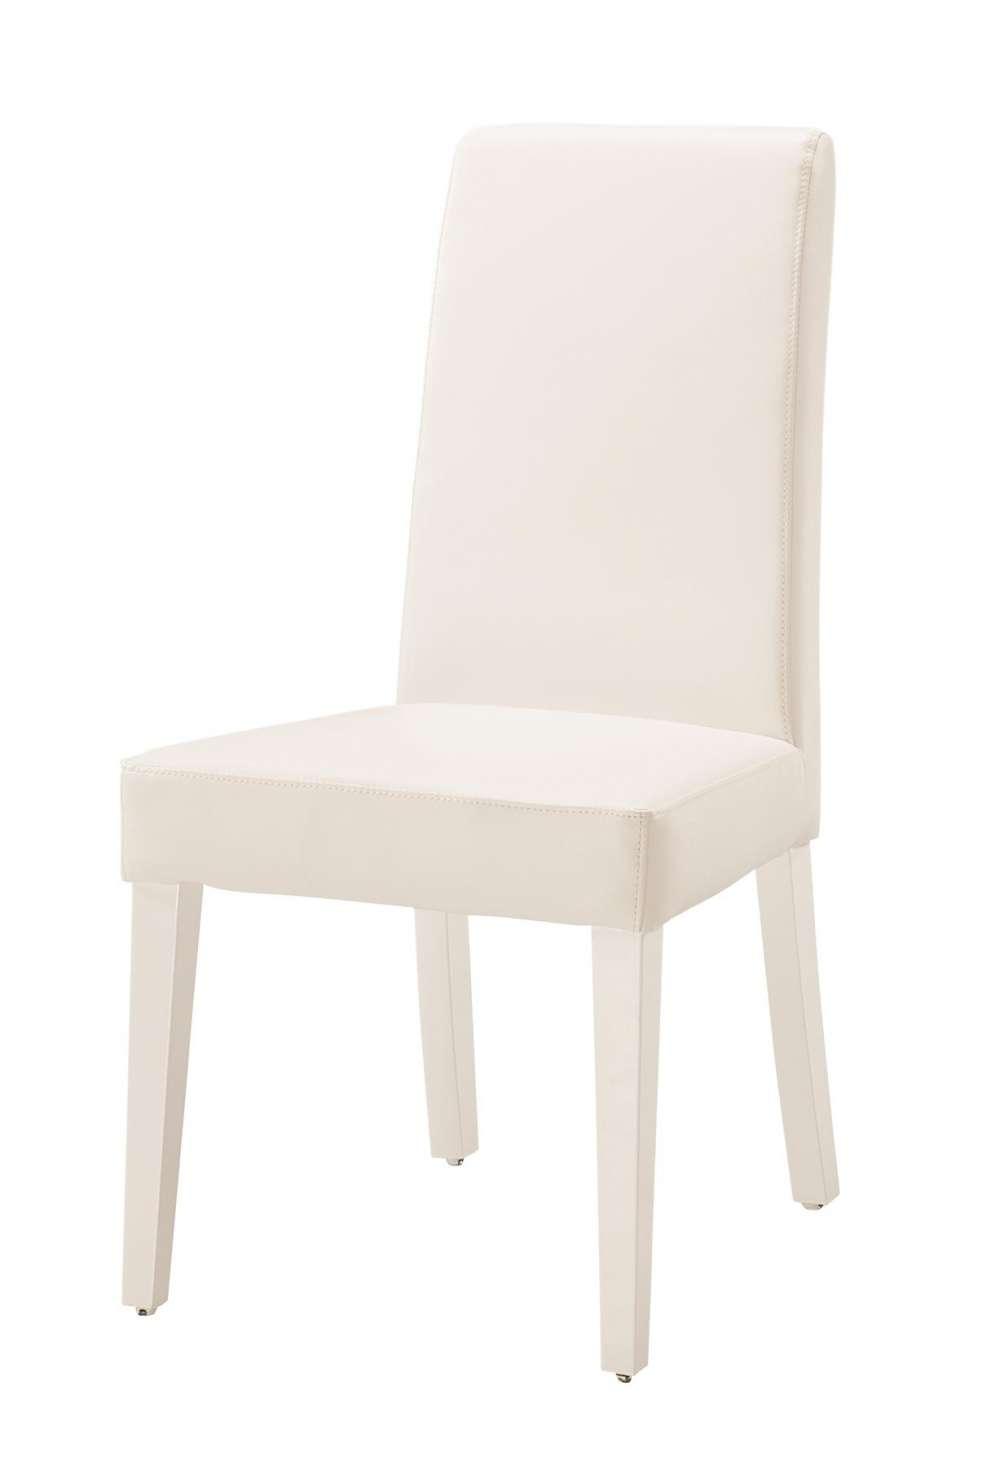 Exclusive Furniture Houston Texas